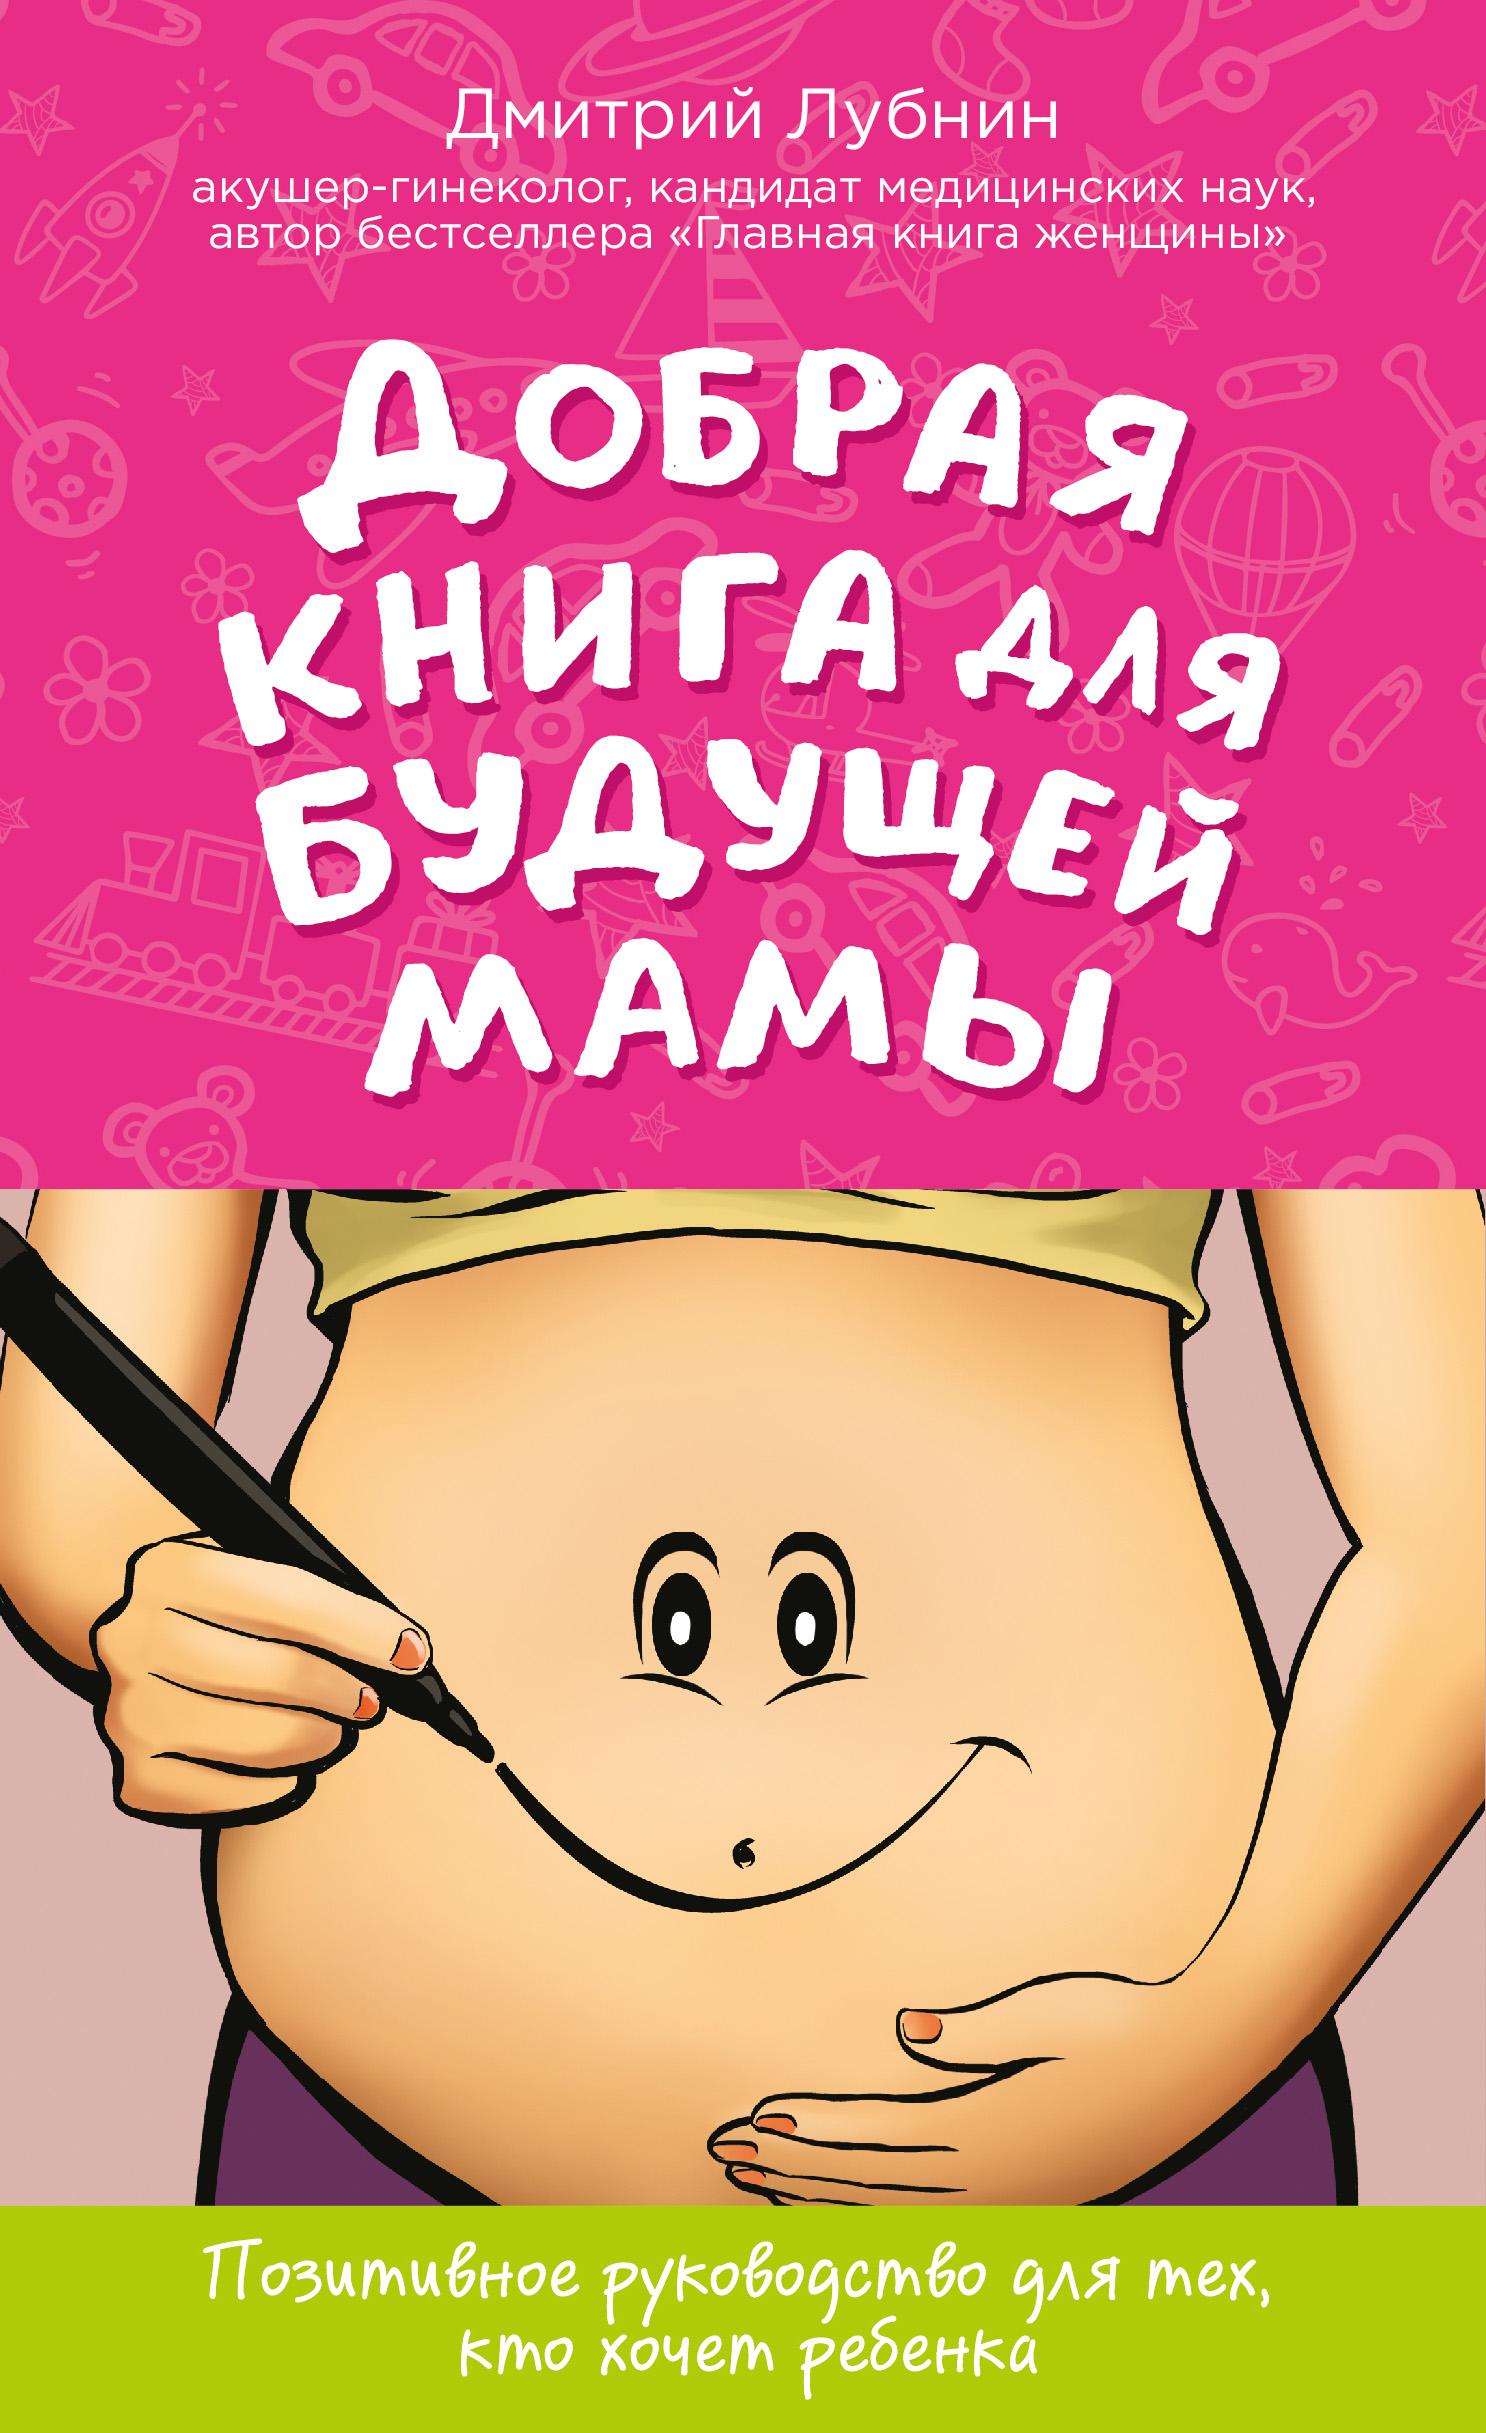 Дмитрий Лубнин Добрая книга для будущей мамы. Позитивное руководство для тех, кто хочет ребенка лубнин д м добрая книга для будущей мамы позитивное руководство для тех кто хочет ребенка